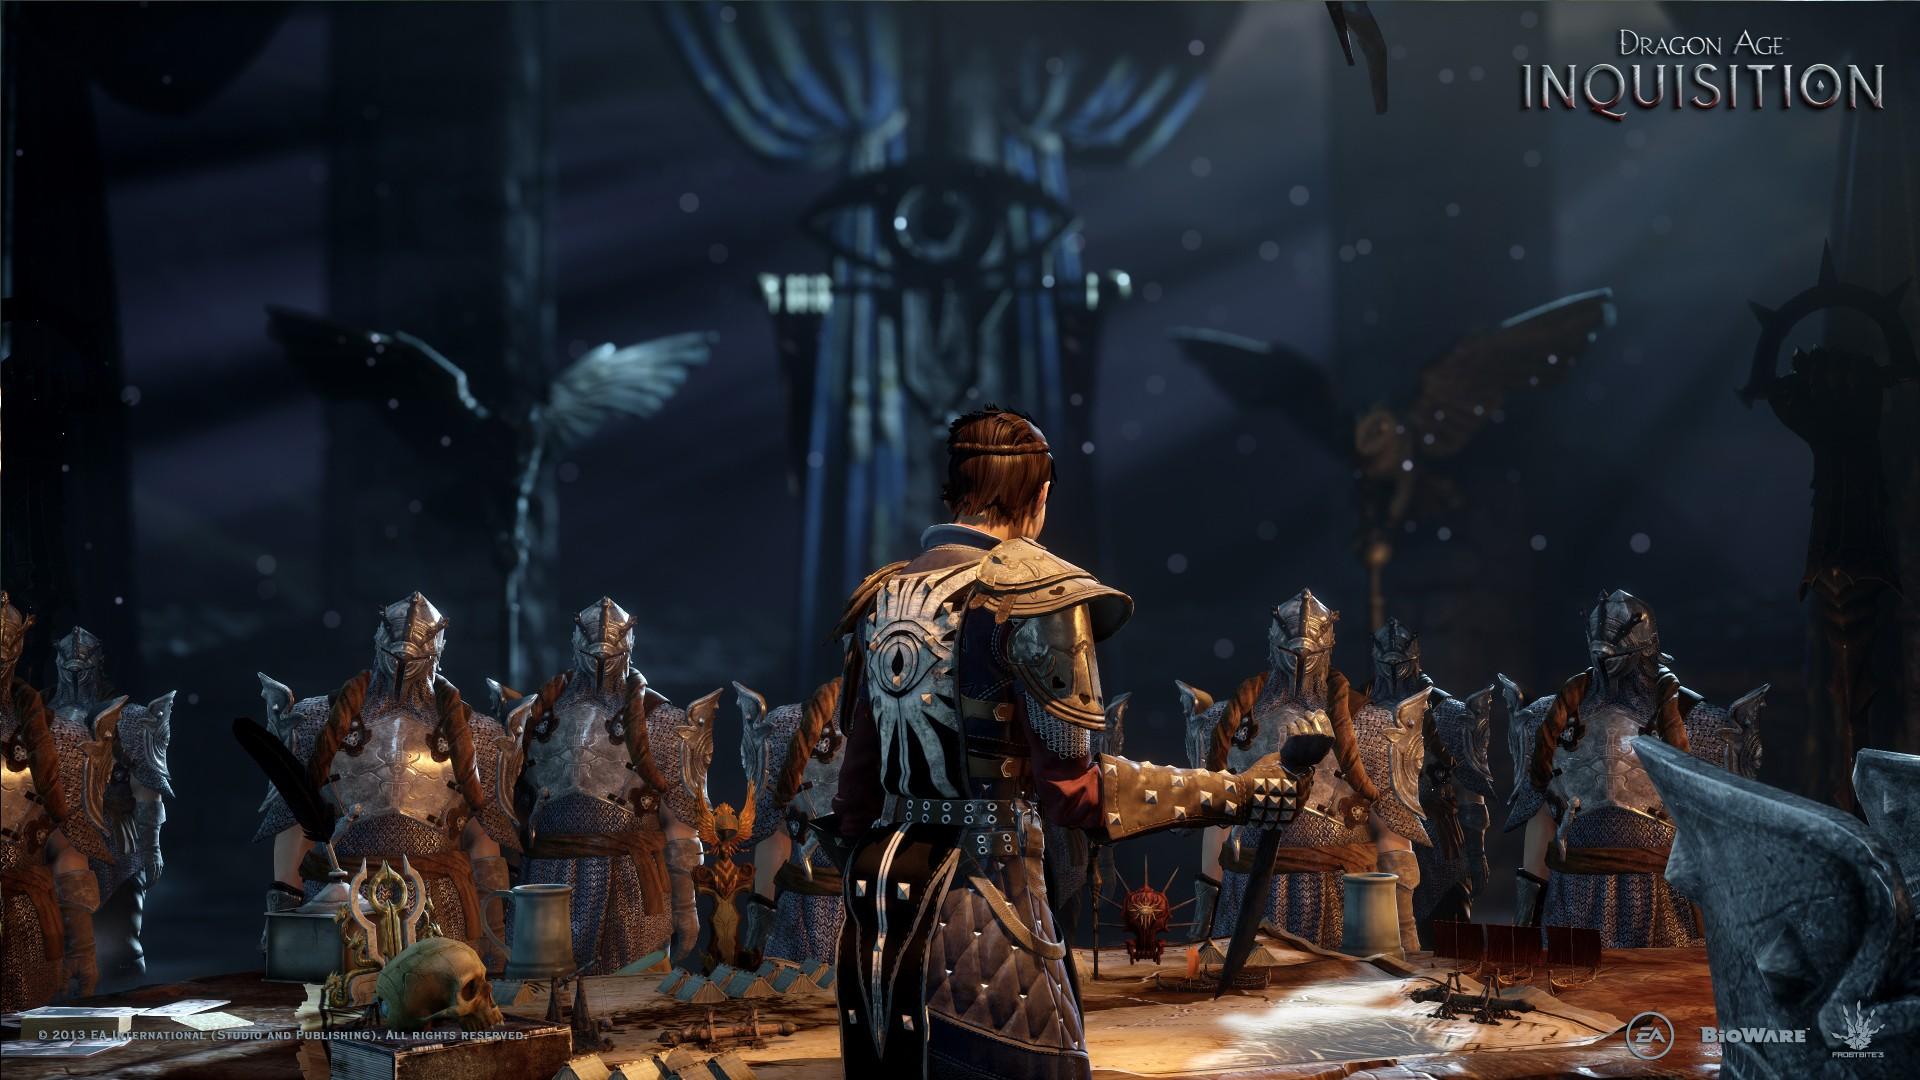 El sistema de creación de personajes en Dragon Age: Inquisition permite un amplio rango de opciones